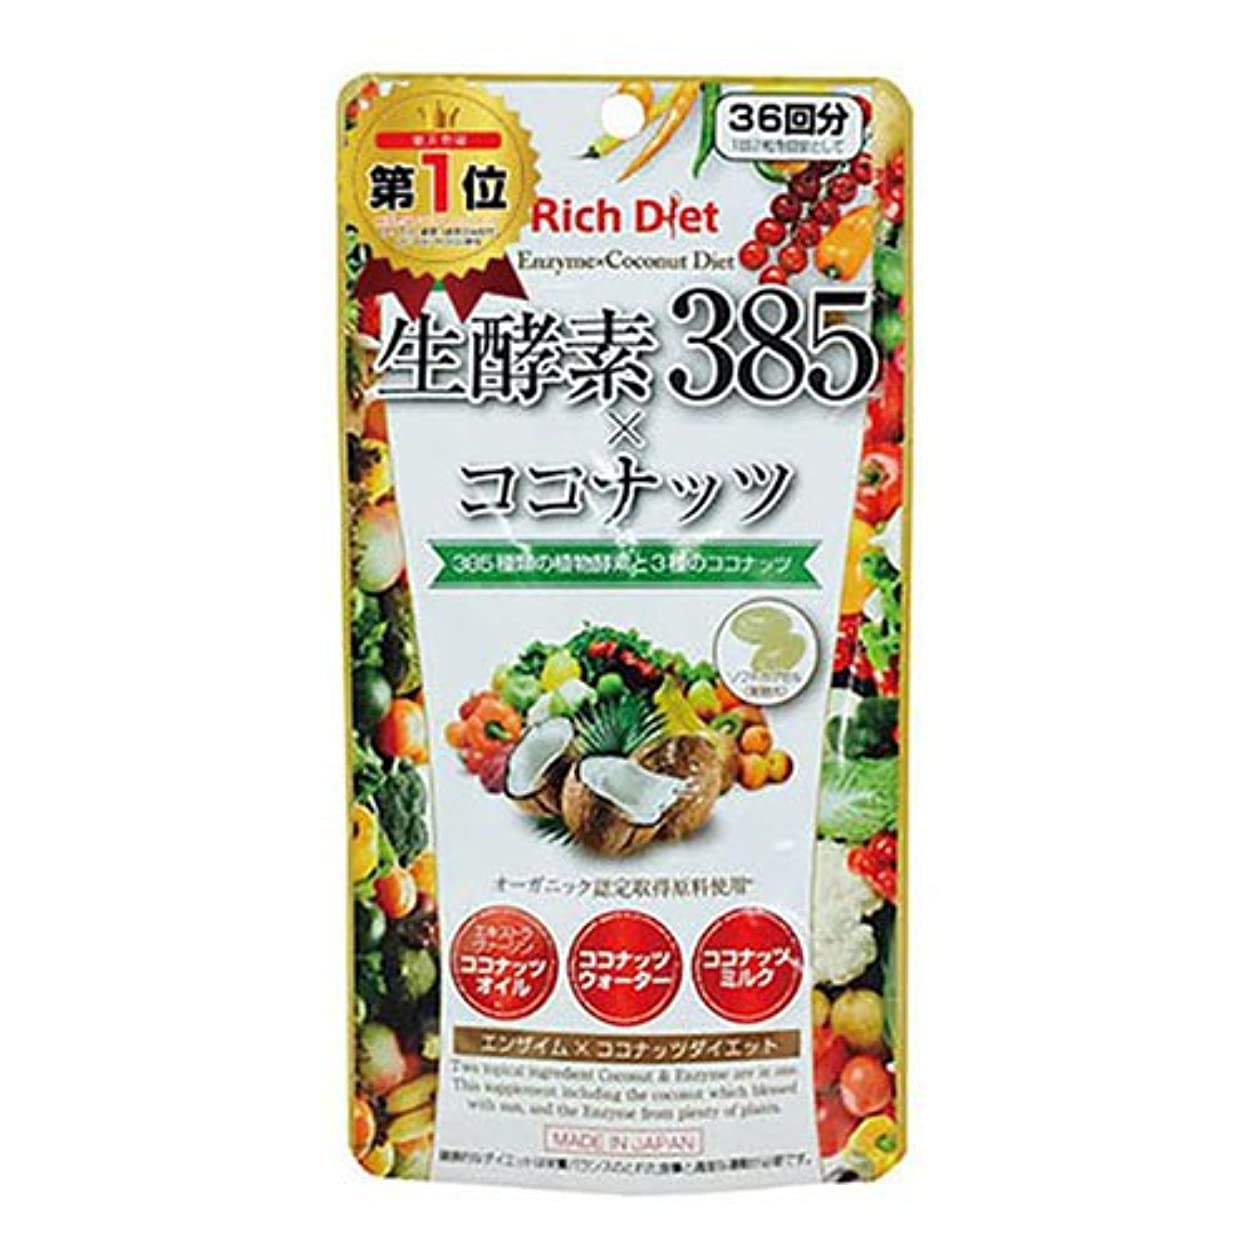 稼ぐ致命的Rich Diet 生酵素×ココナッツダイエット 72粒